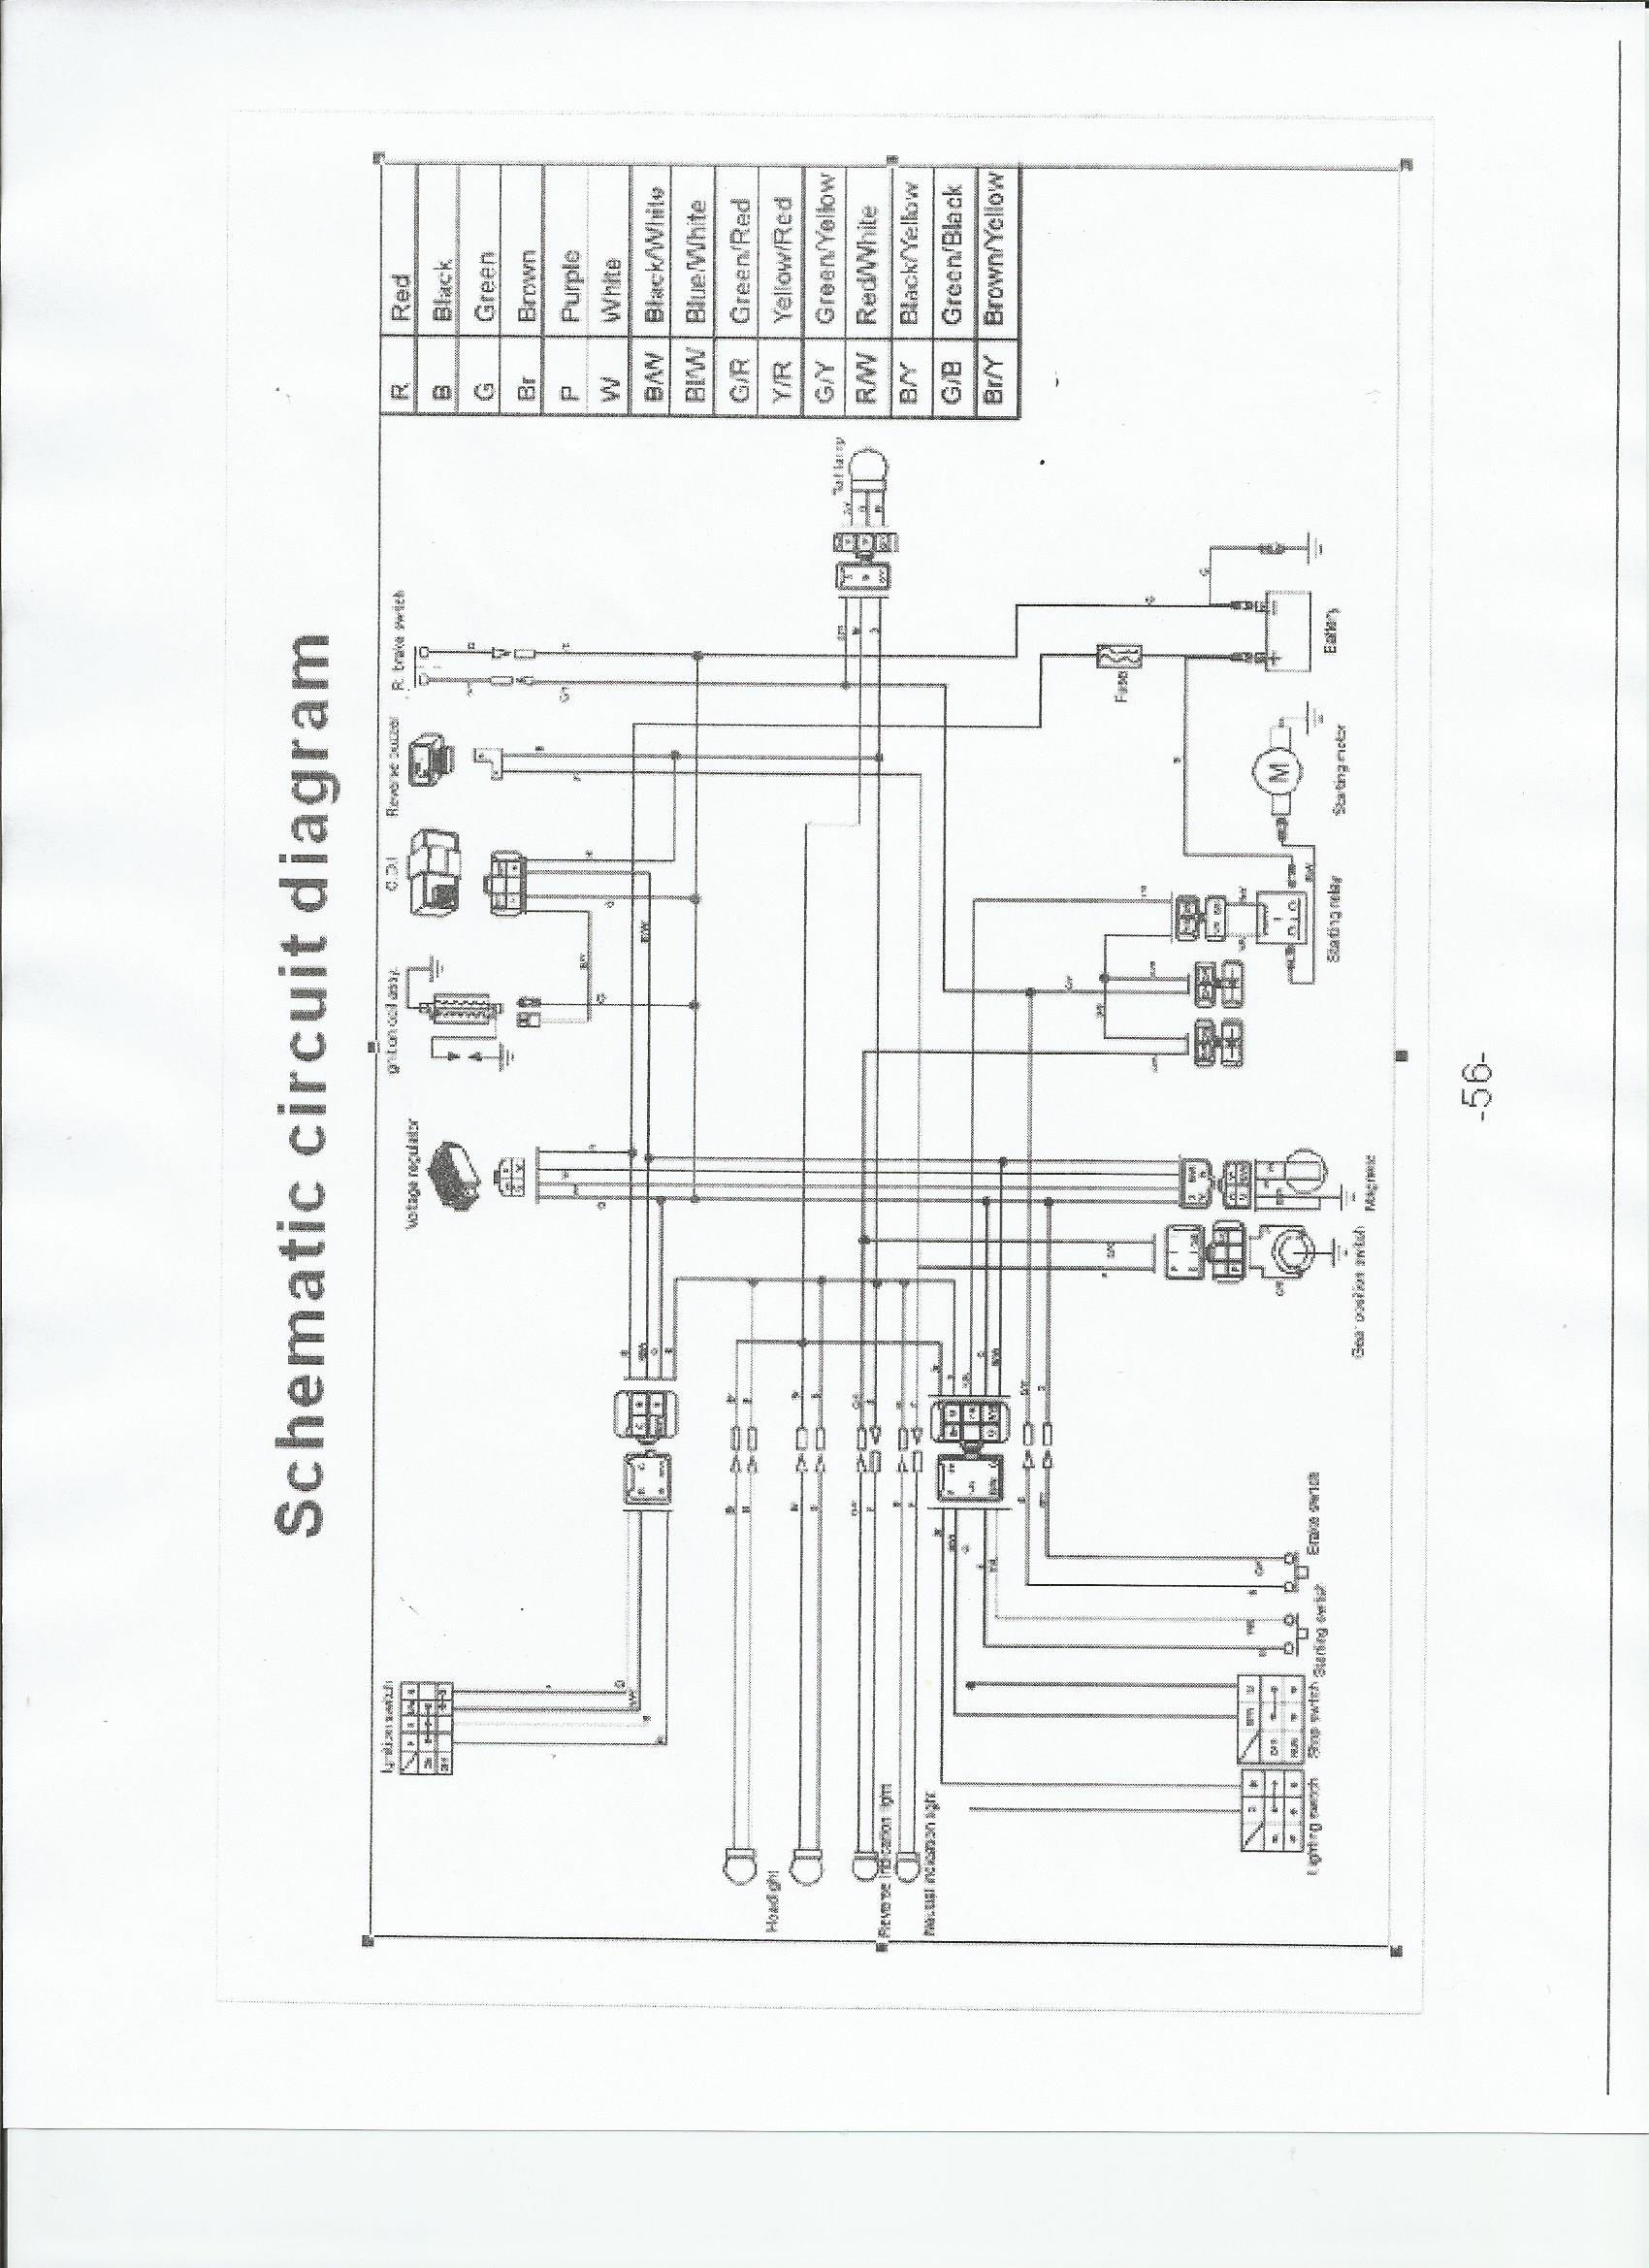 taotao mini and youth atv wiring schematic familygokarts support tao tao atv wiring diagram tao tao atv wiring diagram [ 1700 x 2338 Pixel ]